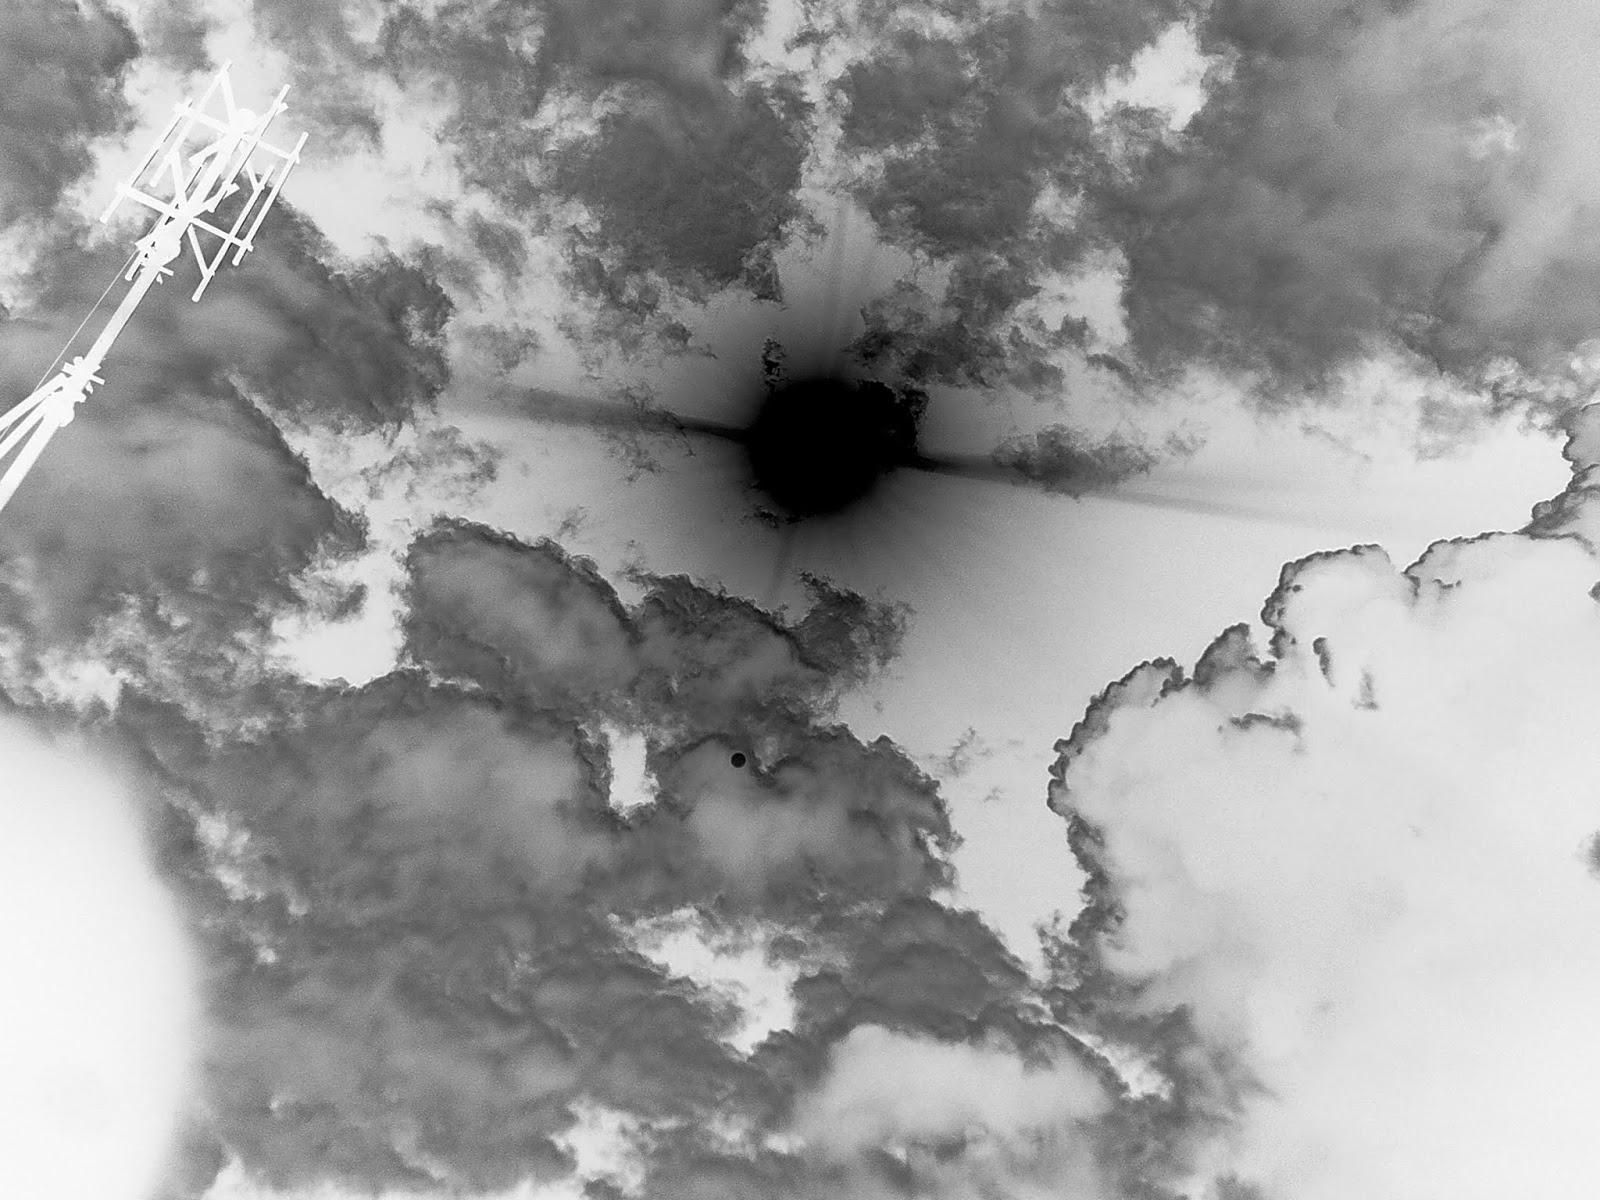 Extraño objeto no identificado o planeta cerca al sol foto en negativo